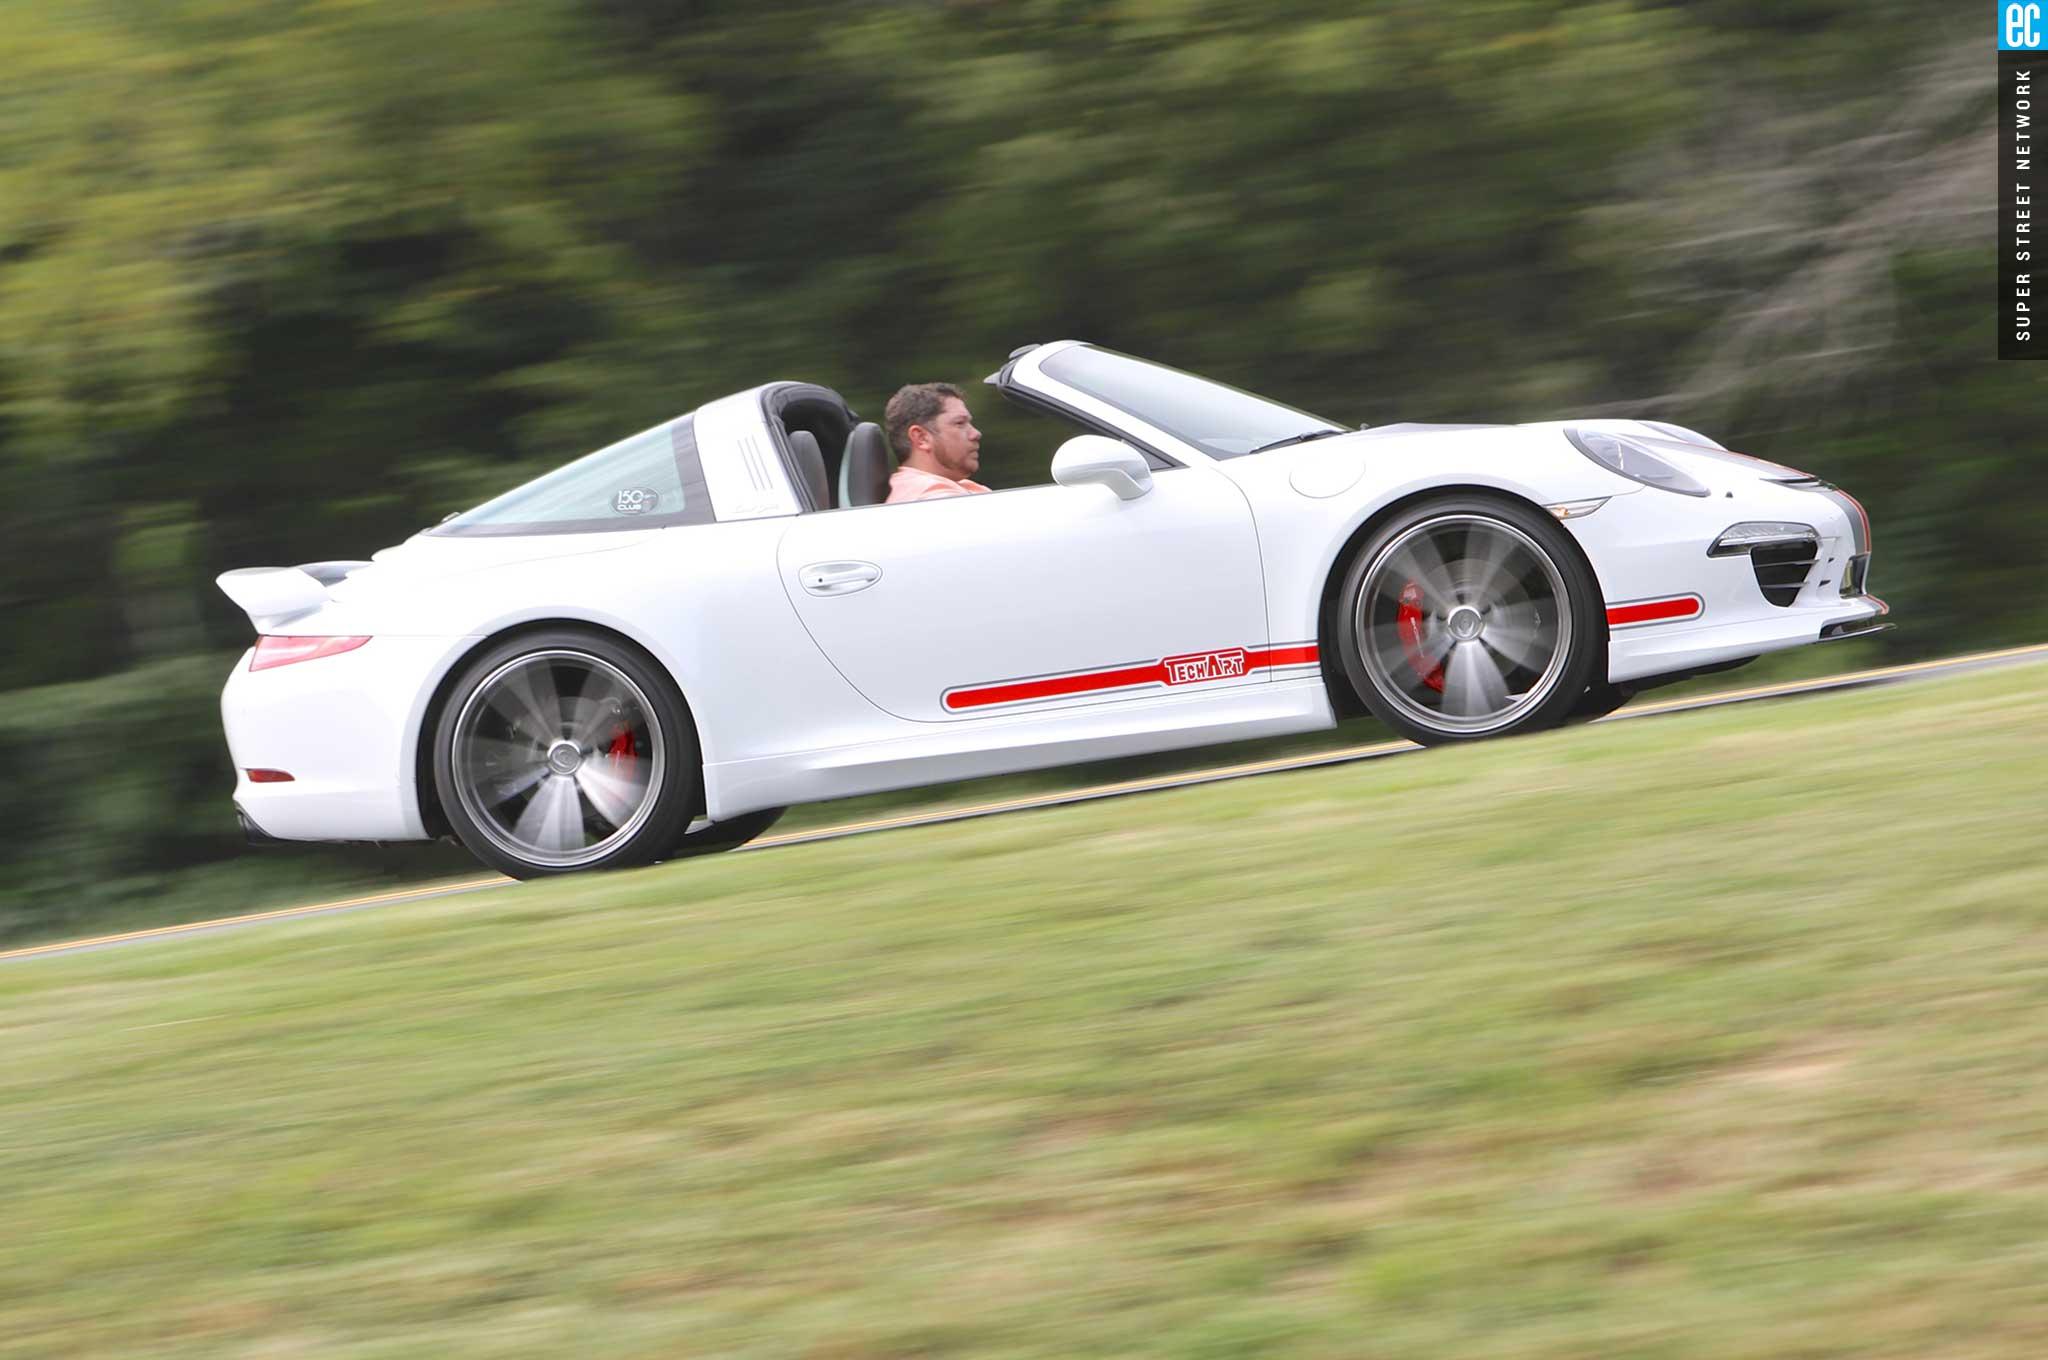 TechArt Works its Magic on the 2015 Porsche 991 Targa 4S on bmw m6 convertible white, porsche targa 4s 997, nissan 350z white, porsche 991 targa 4s, porsche cayman r white, range rover sport white, porsche boxster spyder white, porsche cayman s white, porsche boxster s white, porsche 997 turbo white,